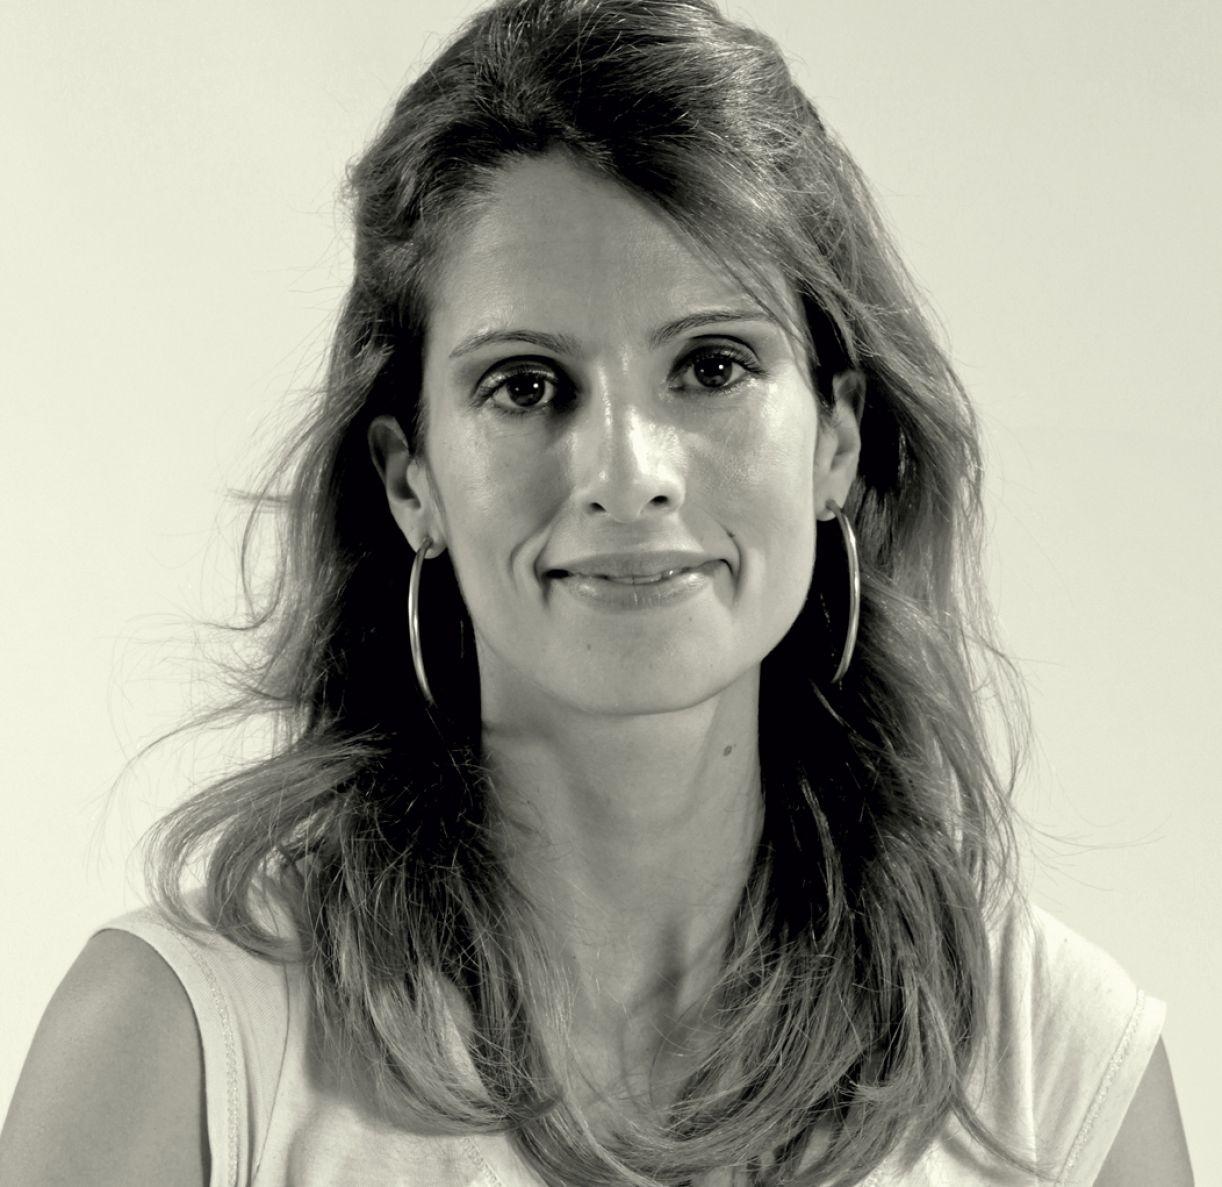 Raquel Carriço